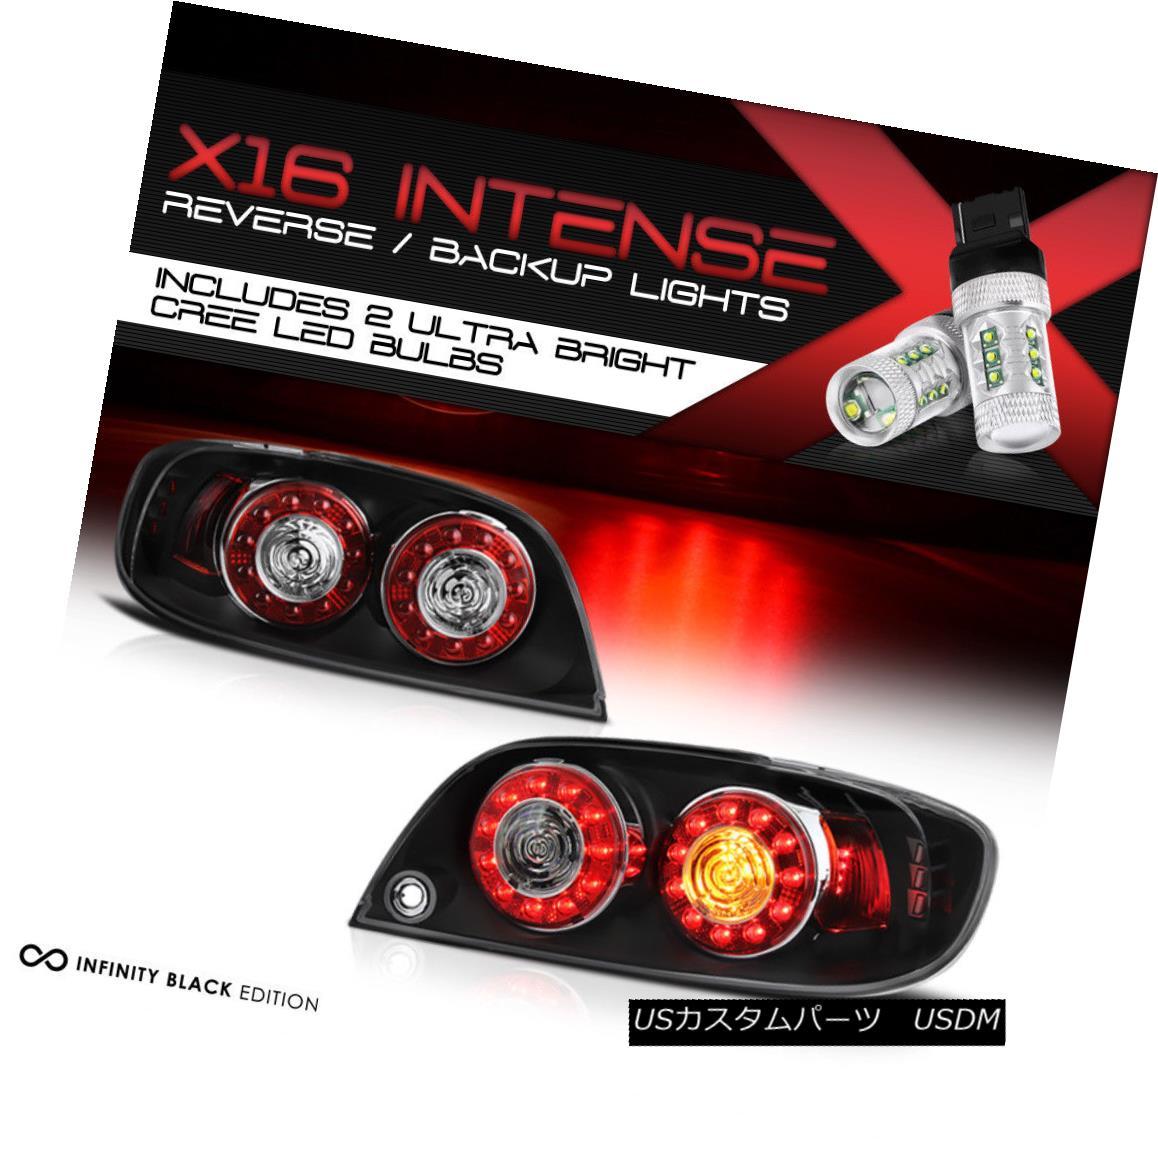 テールライト CREE LED BACKUP 2004-2008 Mazda RX8 RX-8 Shinka Rear JDM Black LED Rear Taillamp クリーLEDバックアップ2004-2008マツダRX8 RX-8新車リアJDMブラックLEDリアタイヤンプ